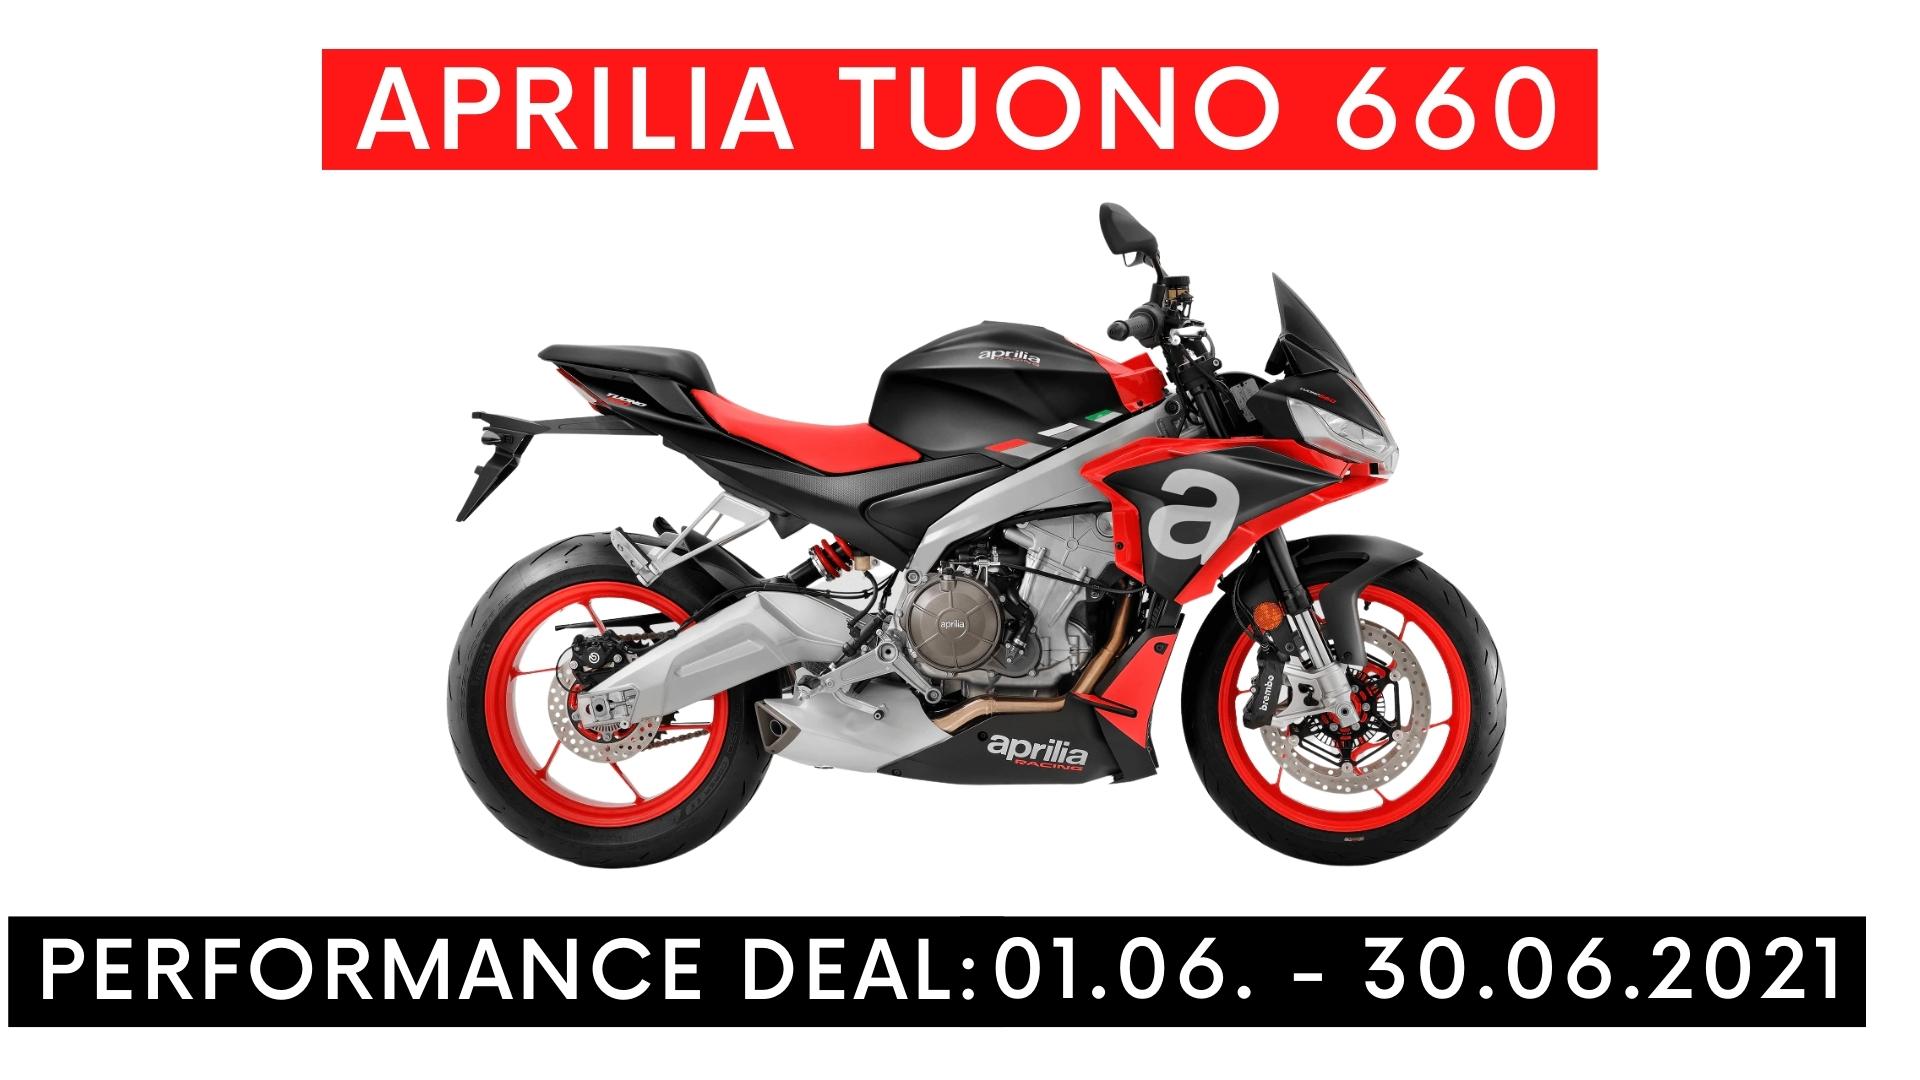 Aprilia Tuono 660 Performance Deal